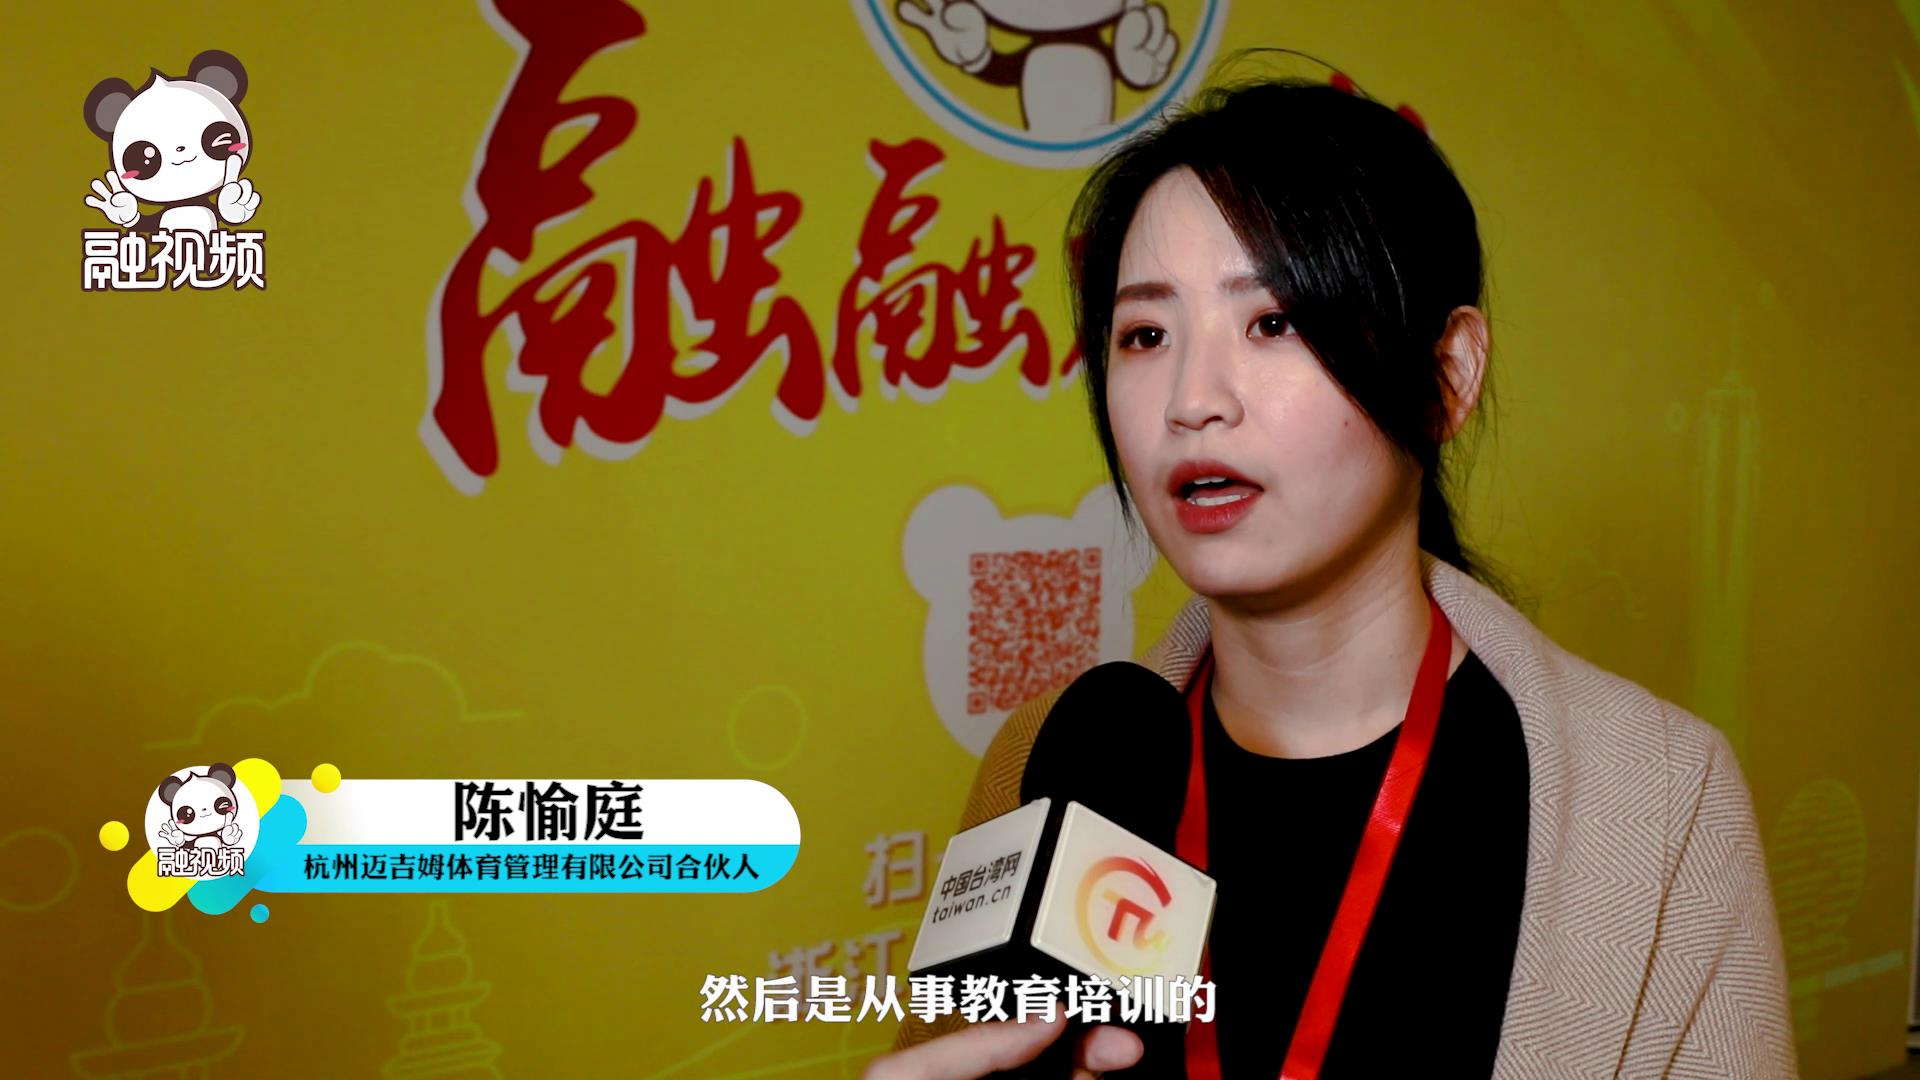 台湾青年:浙江有更大的平台让青年朋友们大展拳脚图片